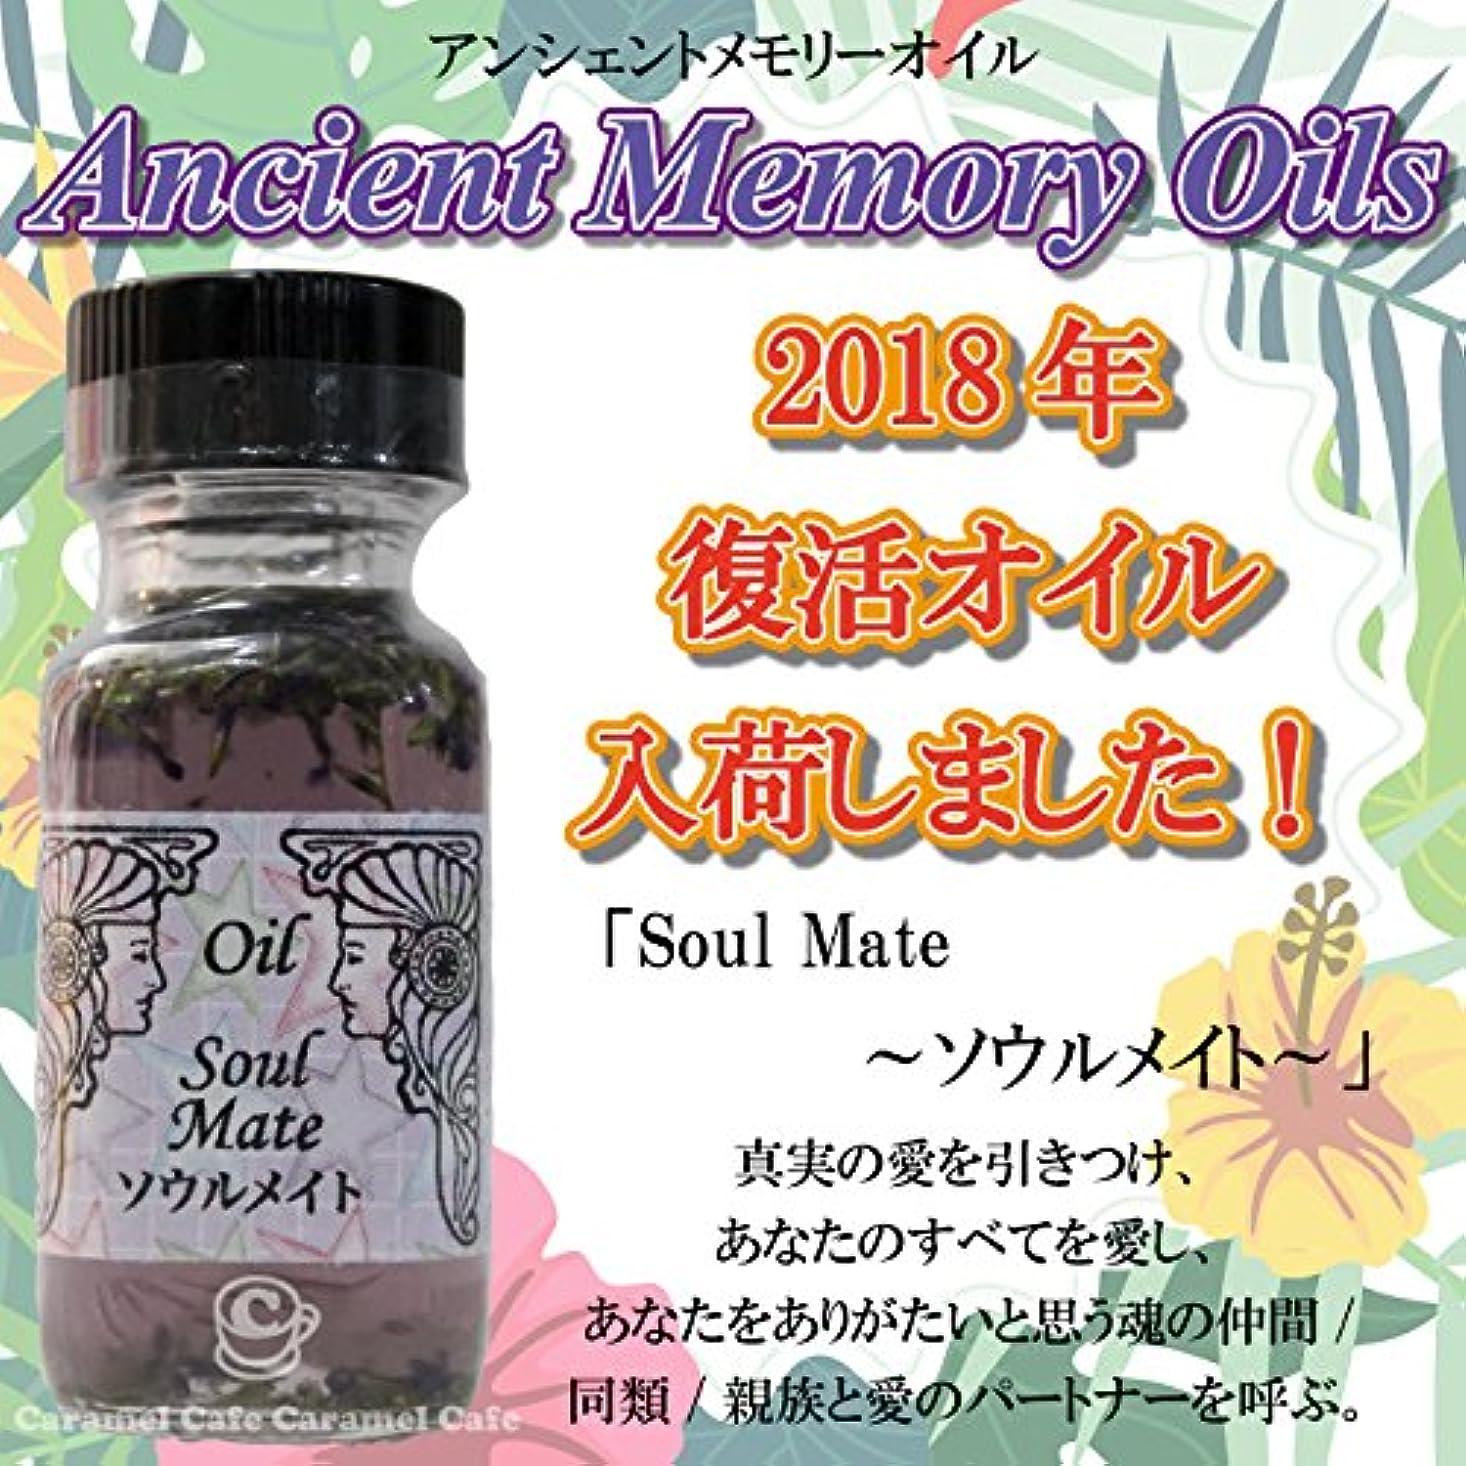 続編最初地平線アンシェントメモリーオイル ソウルメイト 2018年復活 Soul Mate~魂の仲間